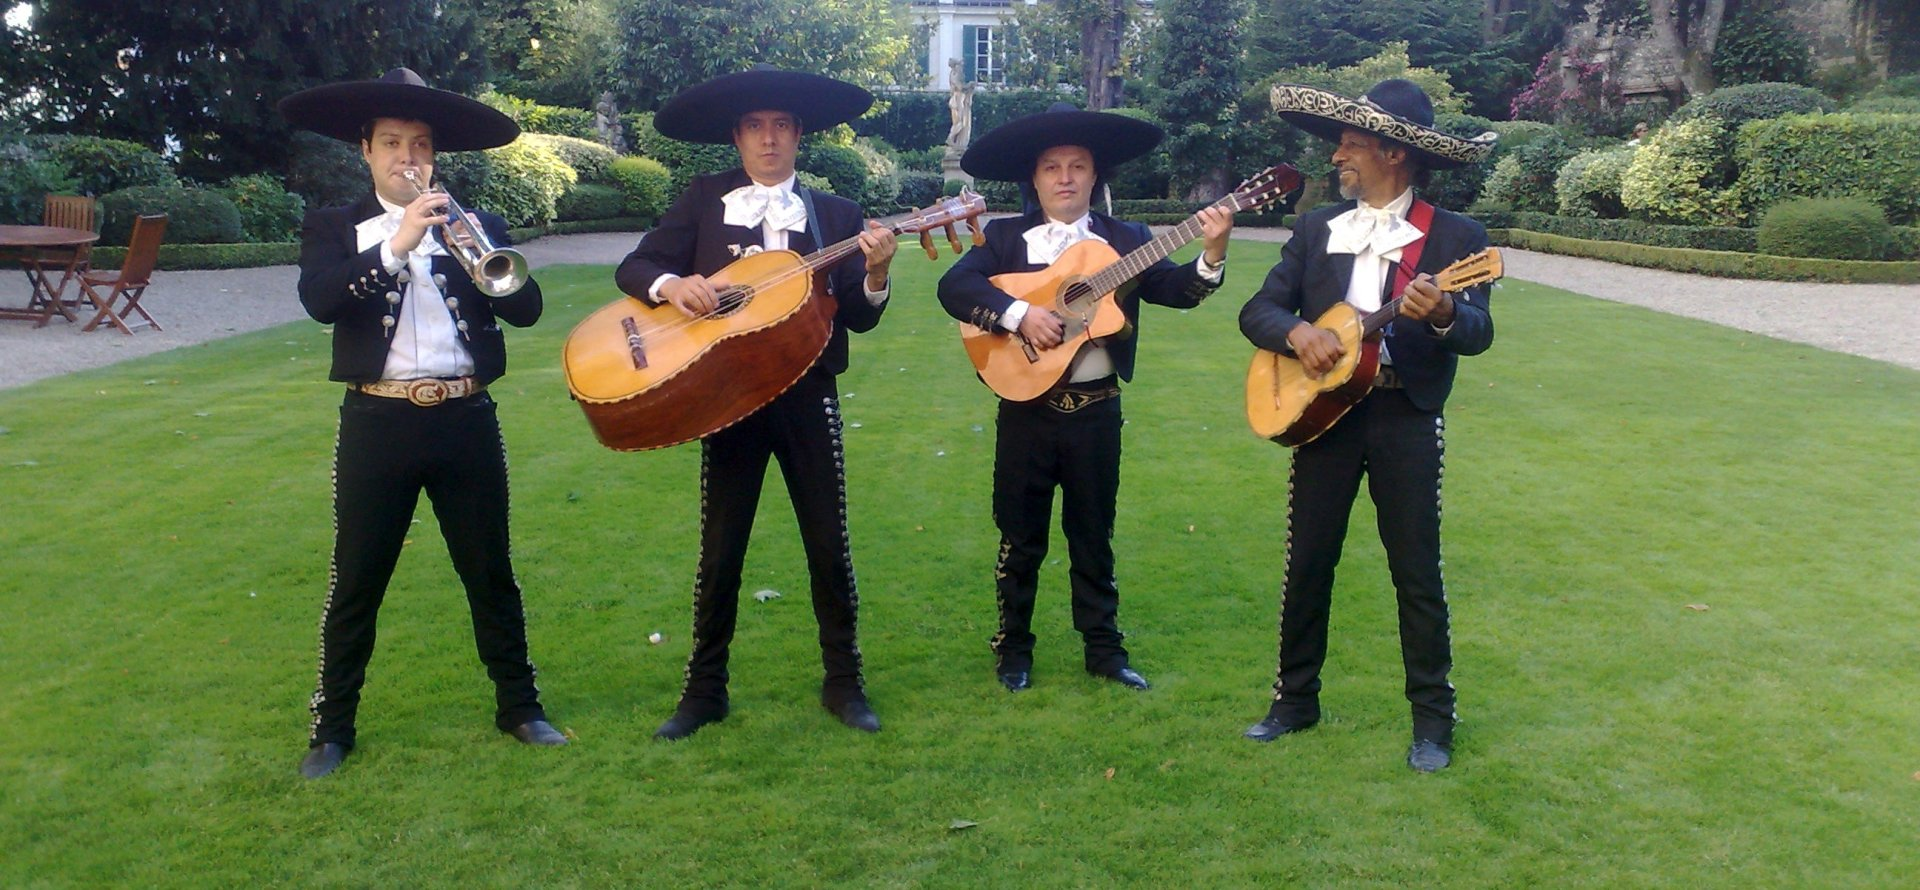 groupe de musique mexicaine